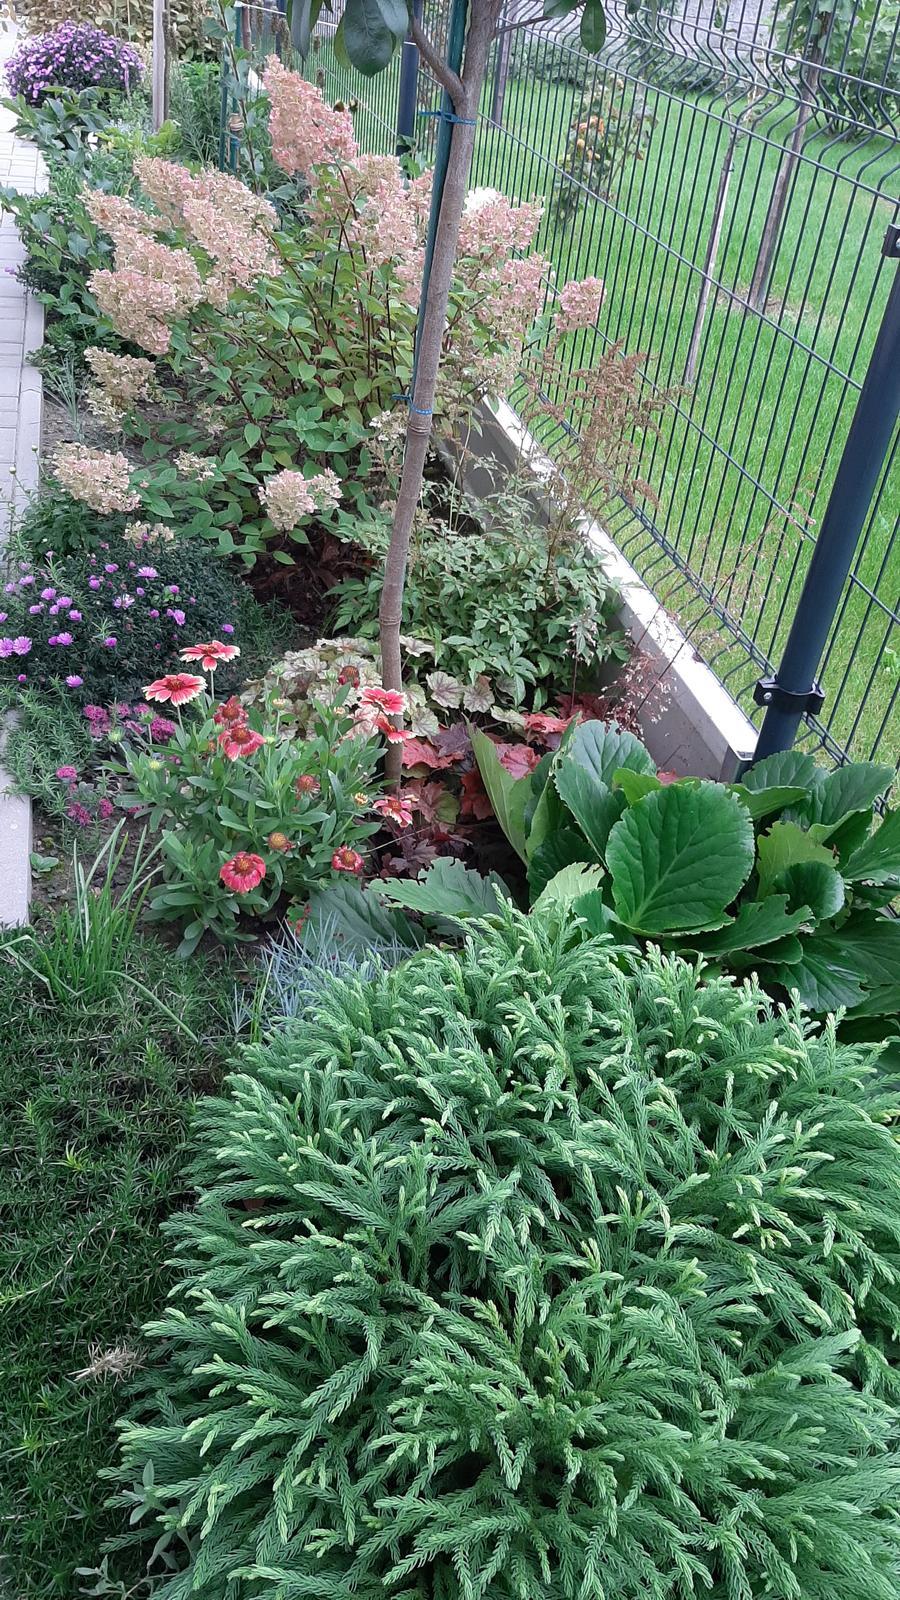 🏠🌞🌺❤🌷 Zahrada a jej dalsi rok...2020 🌱🐞🐛🦋🍓🥕🍅🌺❤ - Obrázok č. 494